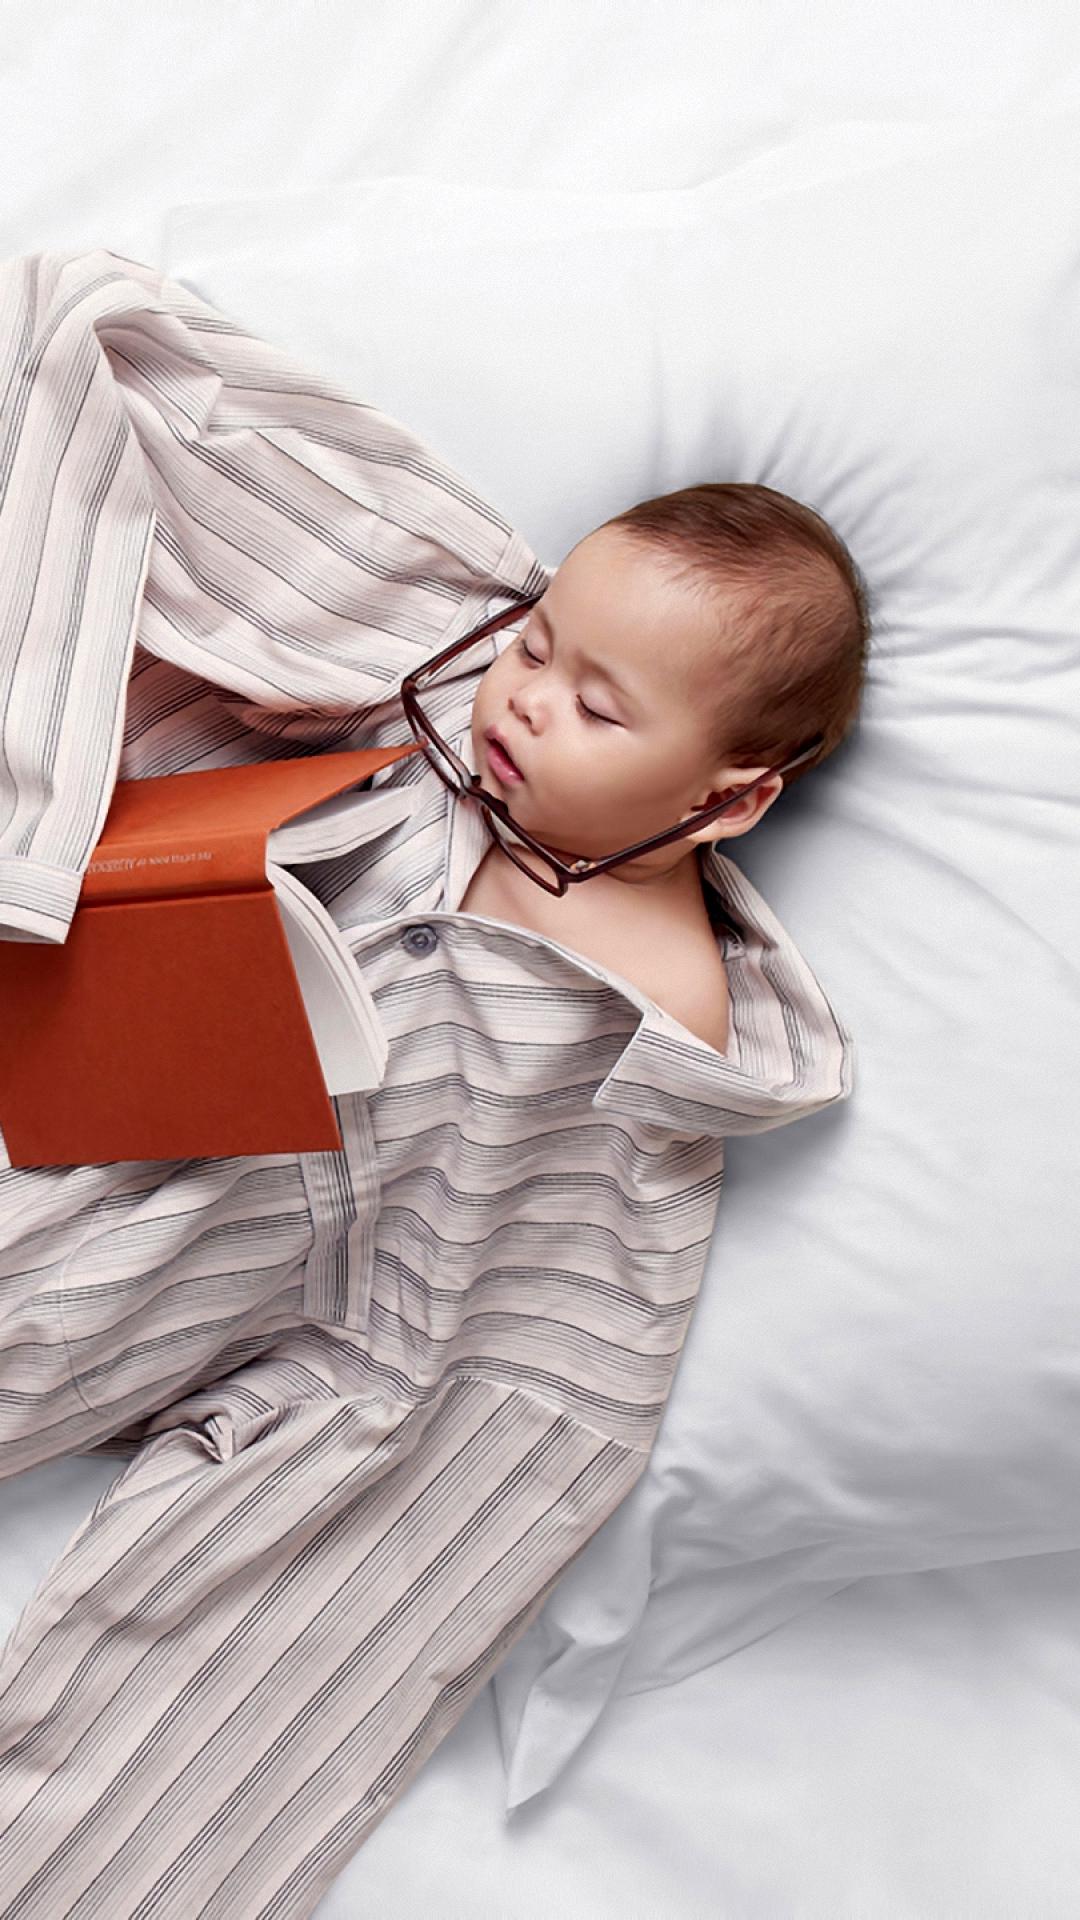 子供パジャマおかしい帳サングラス眠れるベッドiphone8plus壁紙 Iphoneチーズ